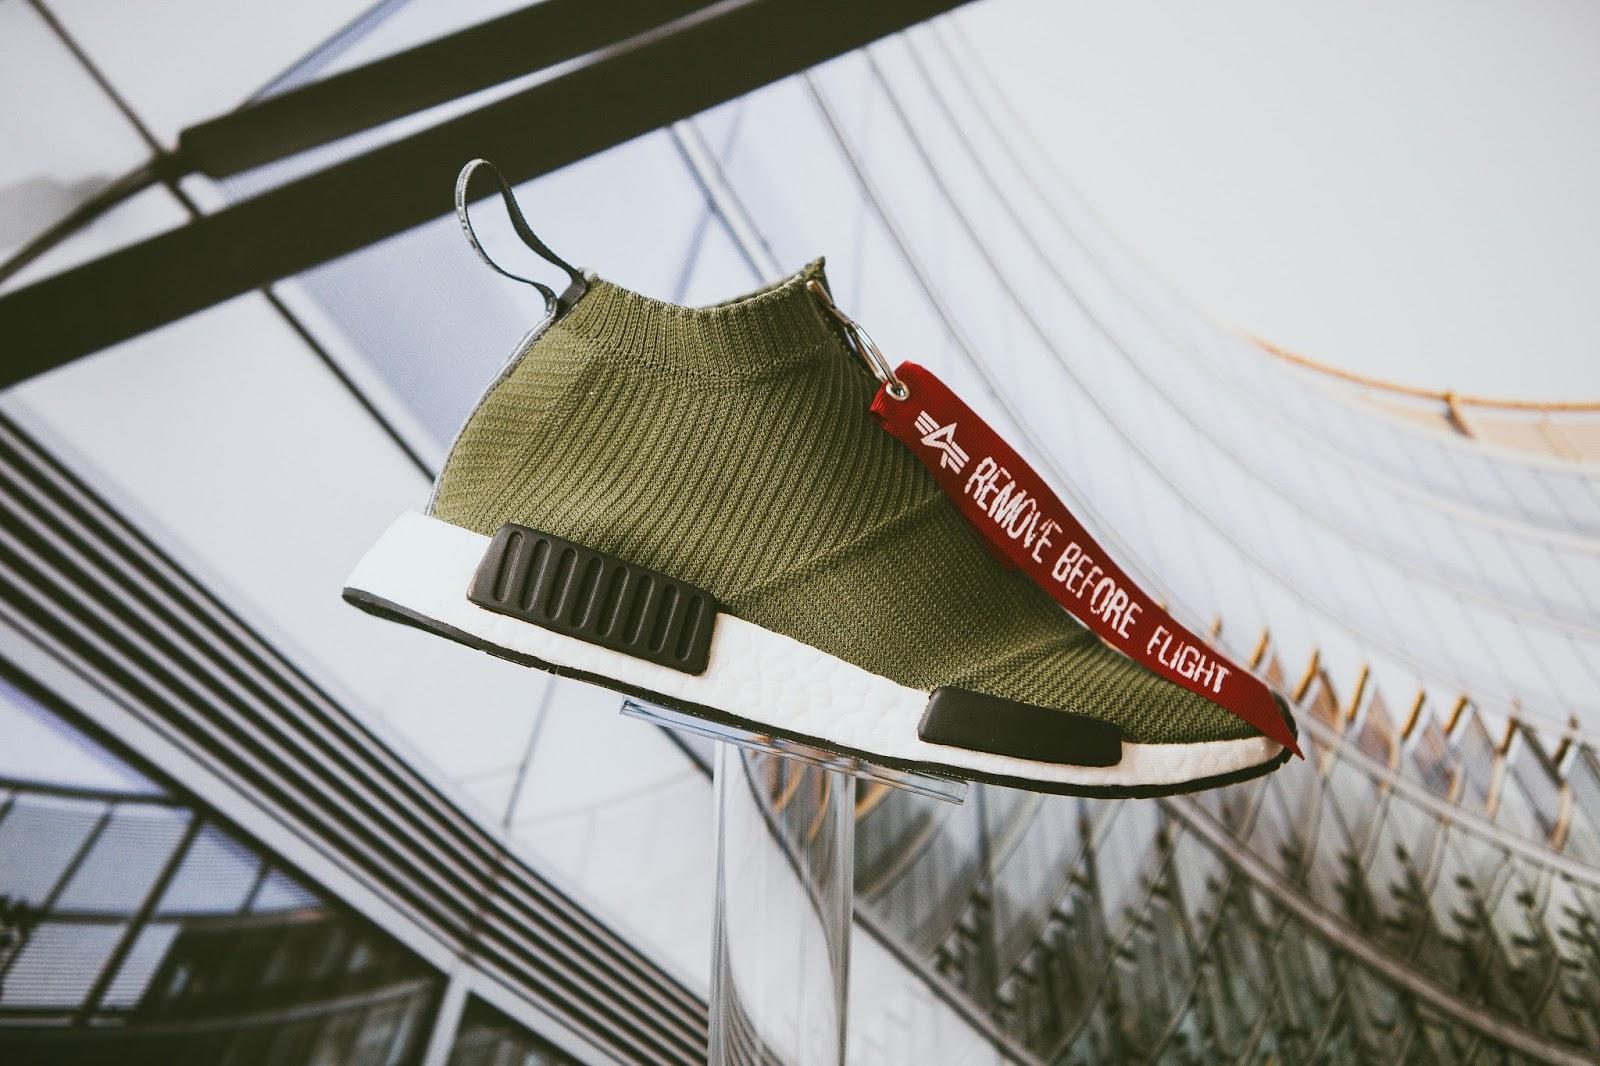 3bfcd1cd8 ... w ramach imprezy adidas Originals x Boiler Room (link). Jako drugi  projekt model NMD inspirowany inspirowany amerykańską marką Alpha  Industires.